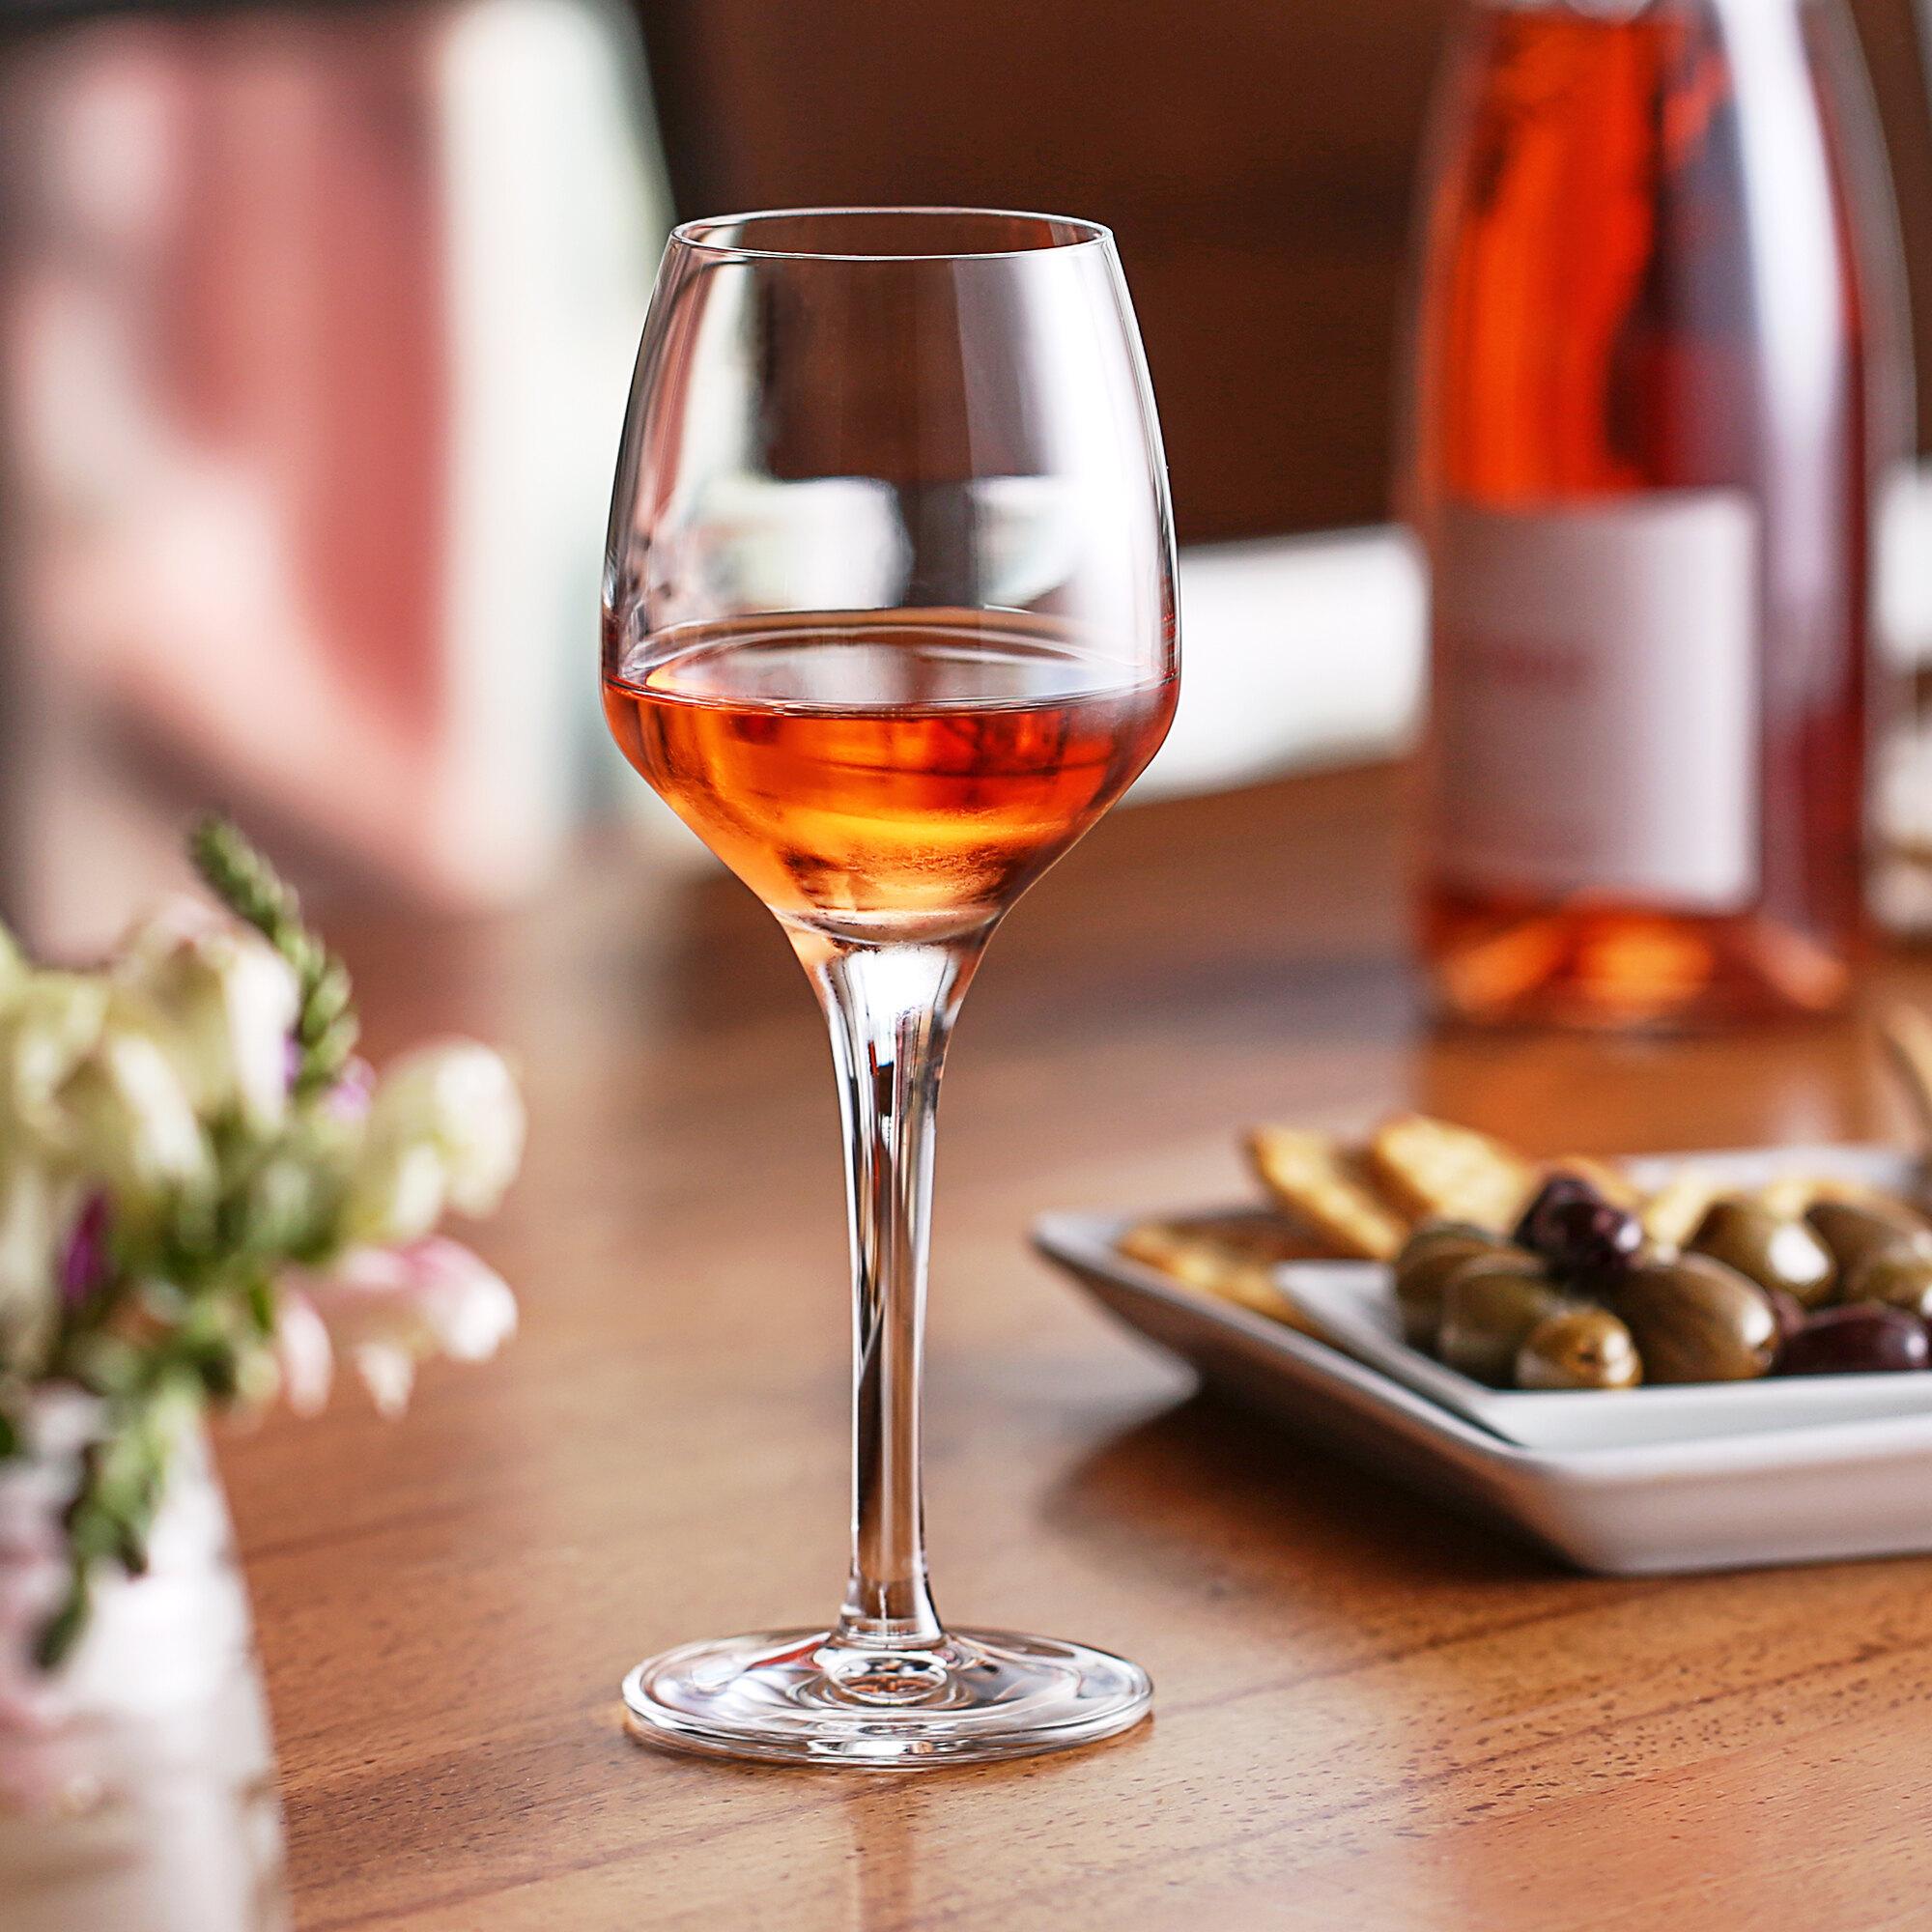 Nude 67021-024 Fame 9 oz. All-Purpose Wine Glass - 24/Case